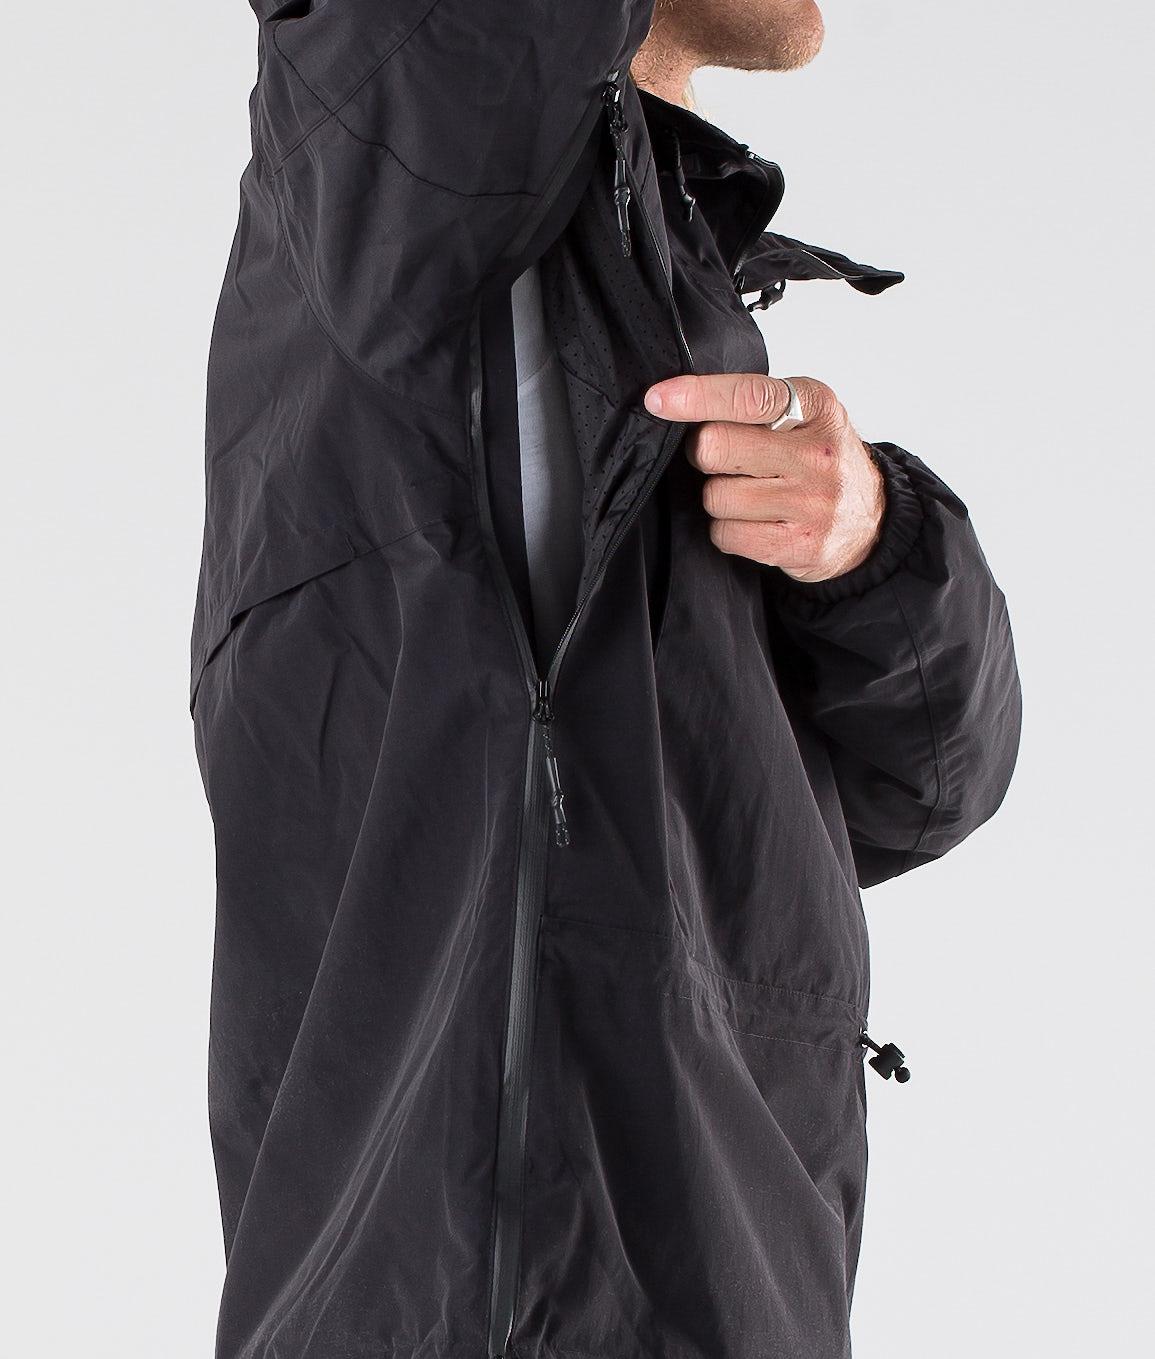 Köp Hiker Outdoor Jacka från Dope på Ridestore.se Hos oss har du alltid fri frakt, fri retur och 30 dagar öppet köp!